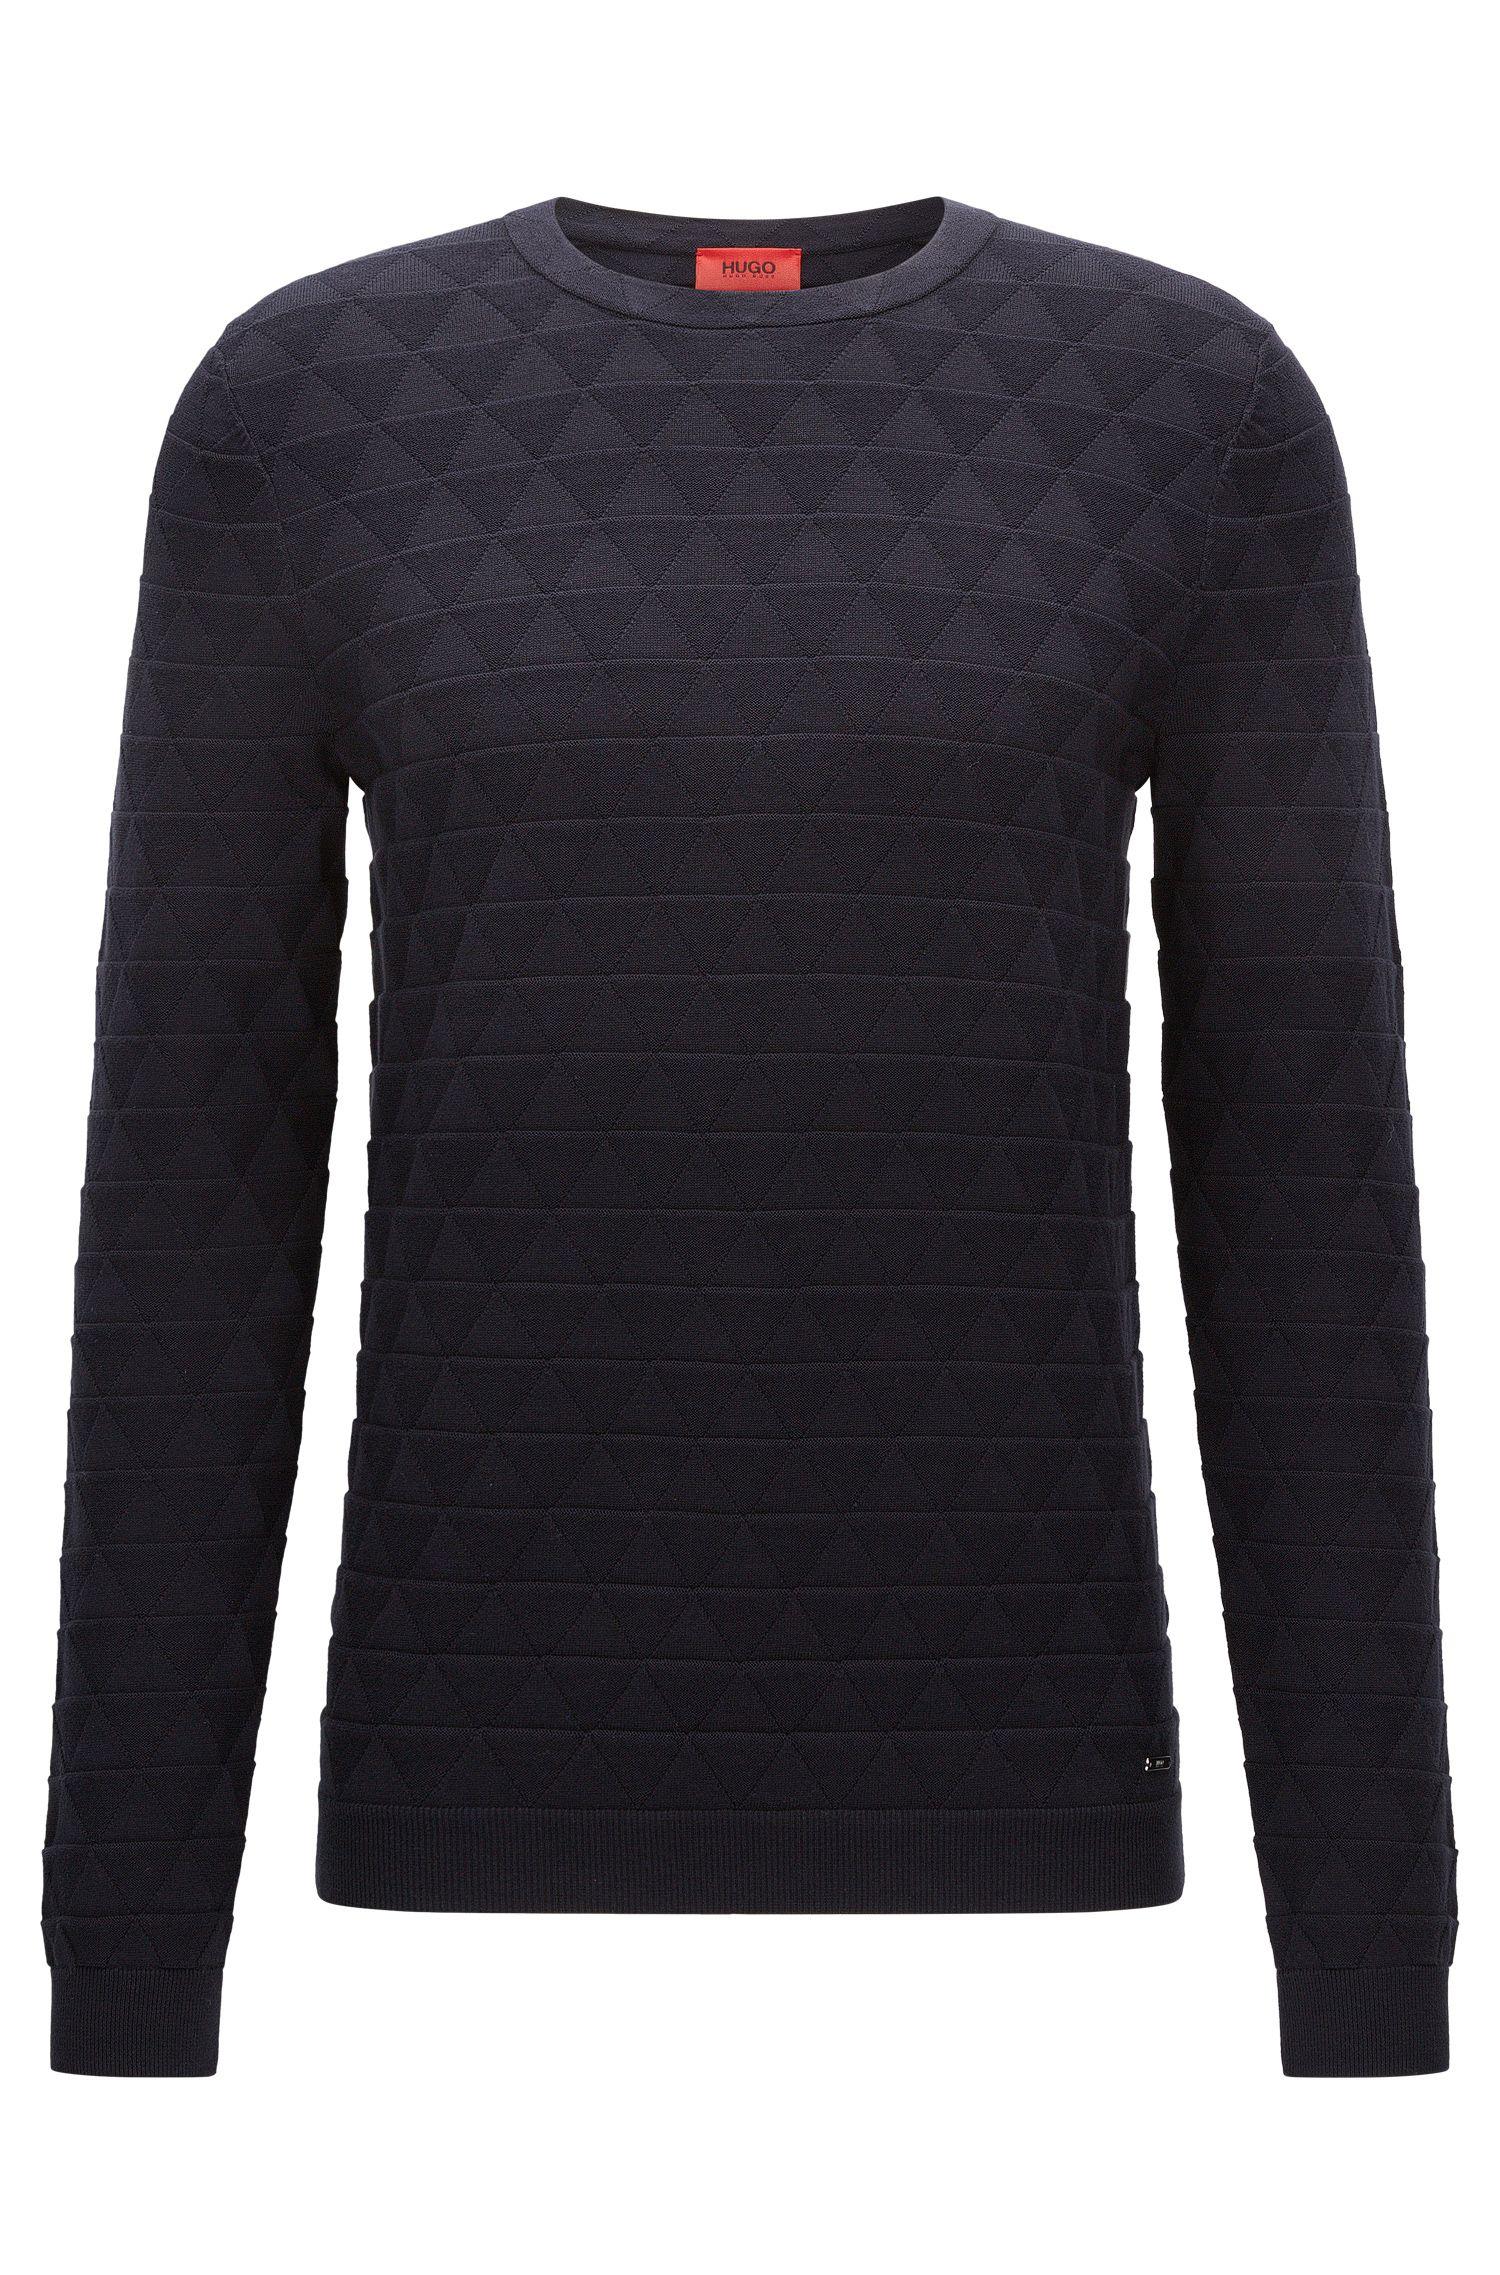 Jersey de algodón slim fit con estructura 3D